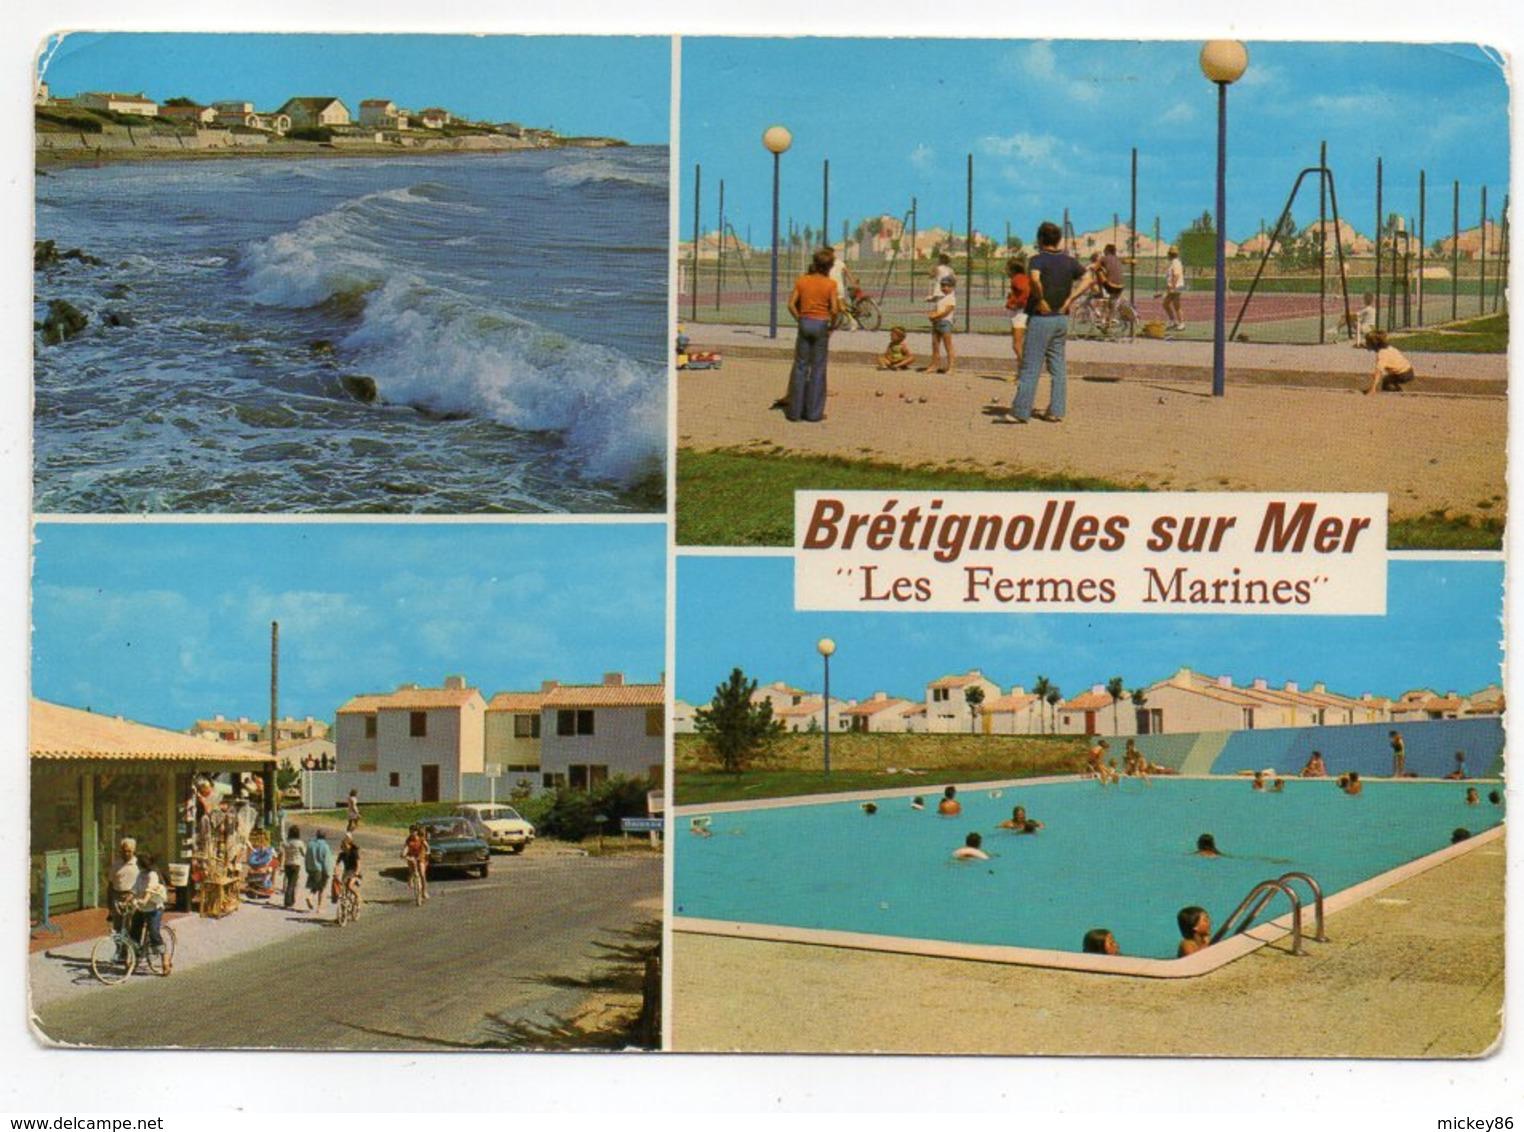 BRETIGNOLLES SUR MER --1985--Les Fermes Marines--Multivues (mer,pétanque,tennis,vélo,piscine)-timbre,cachet - Bretignolles Sur Mer